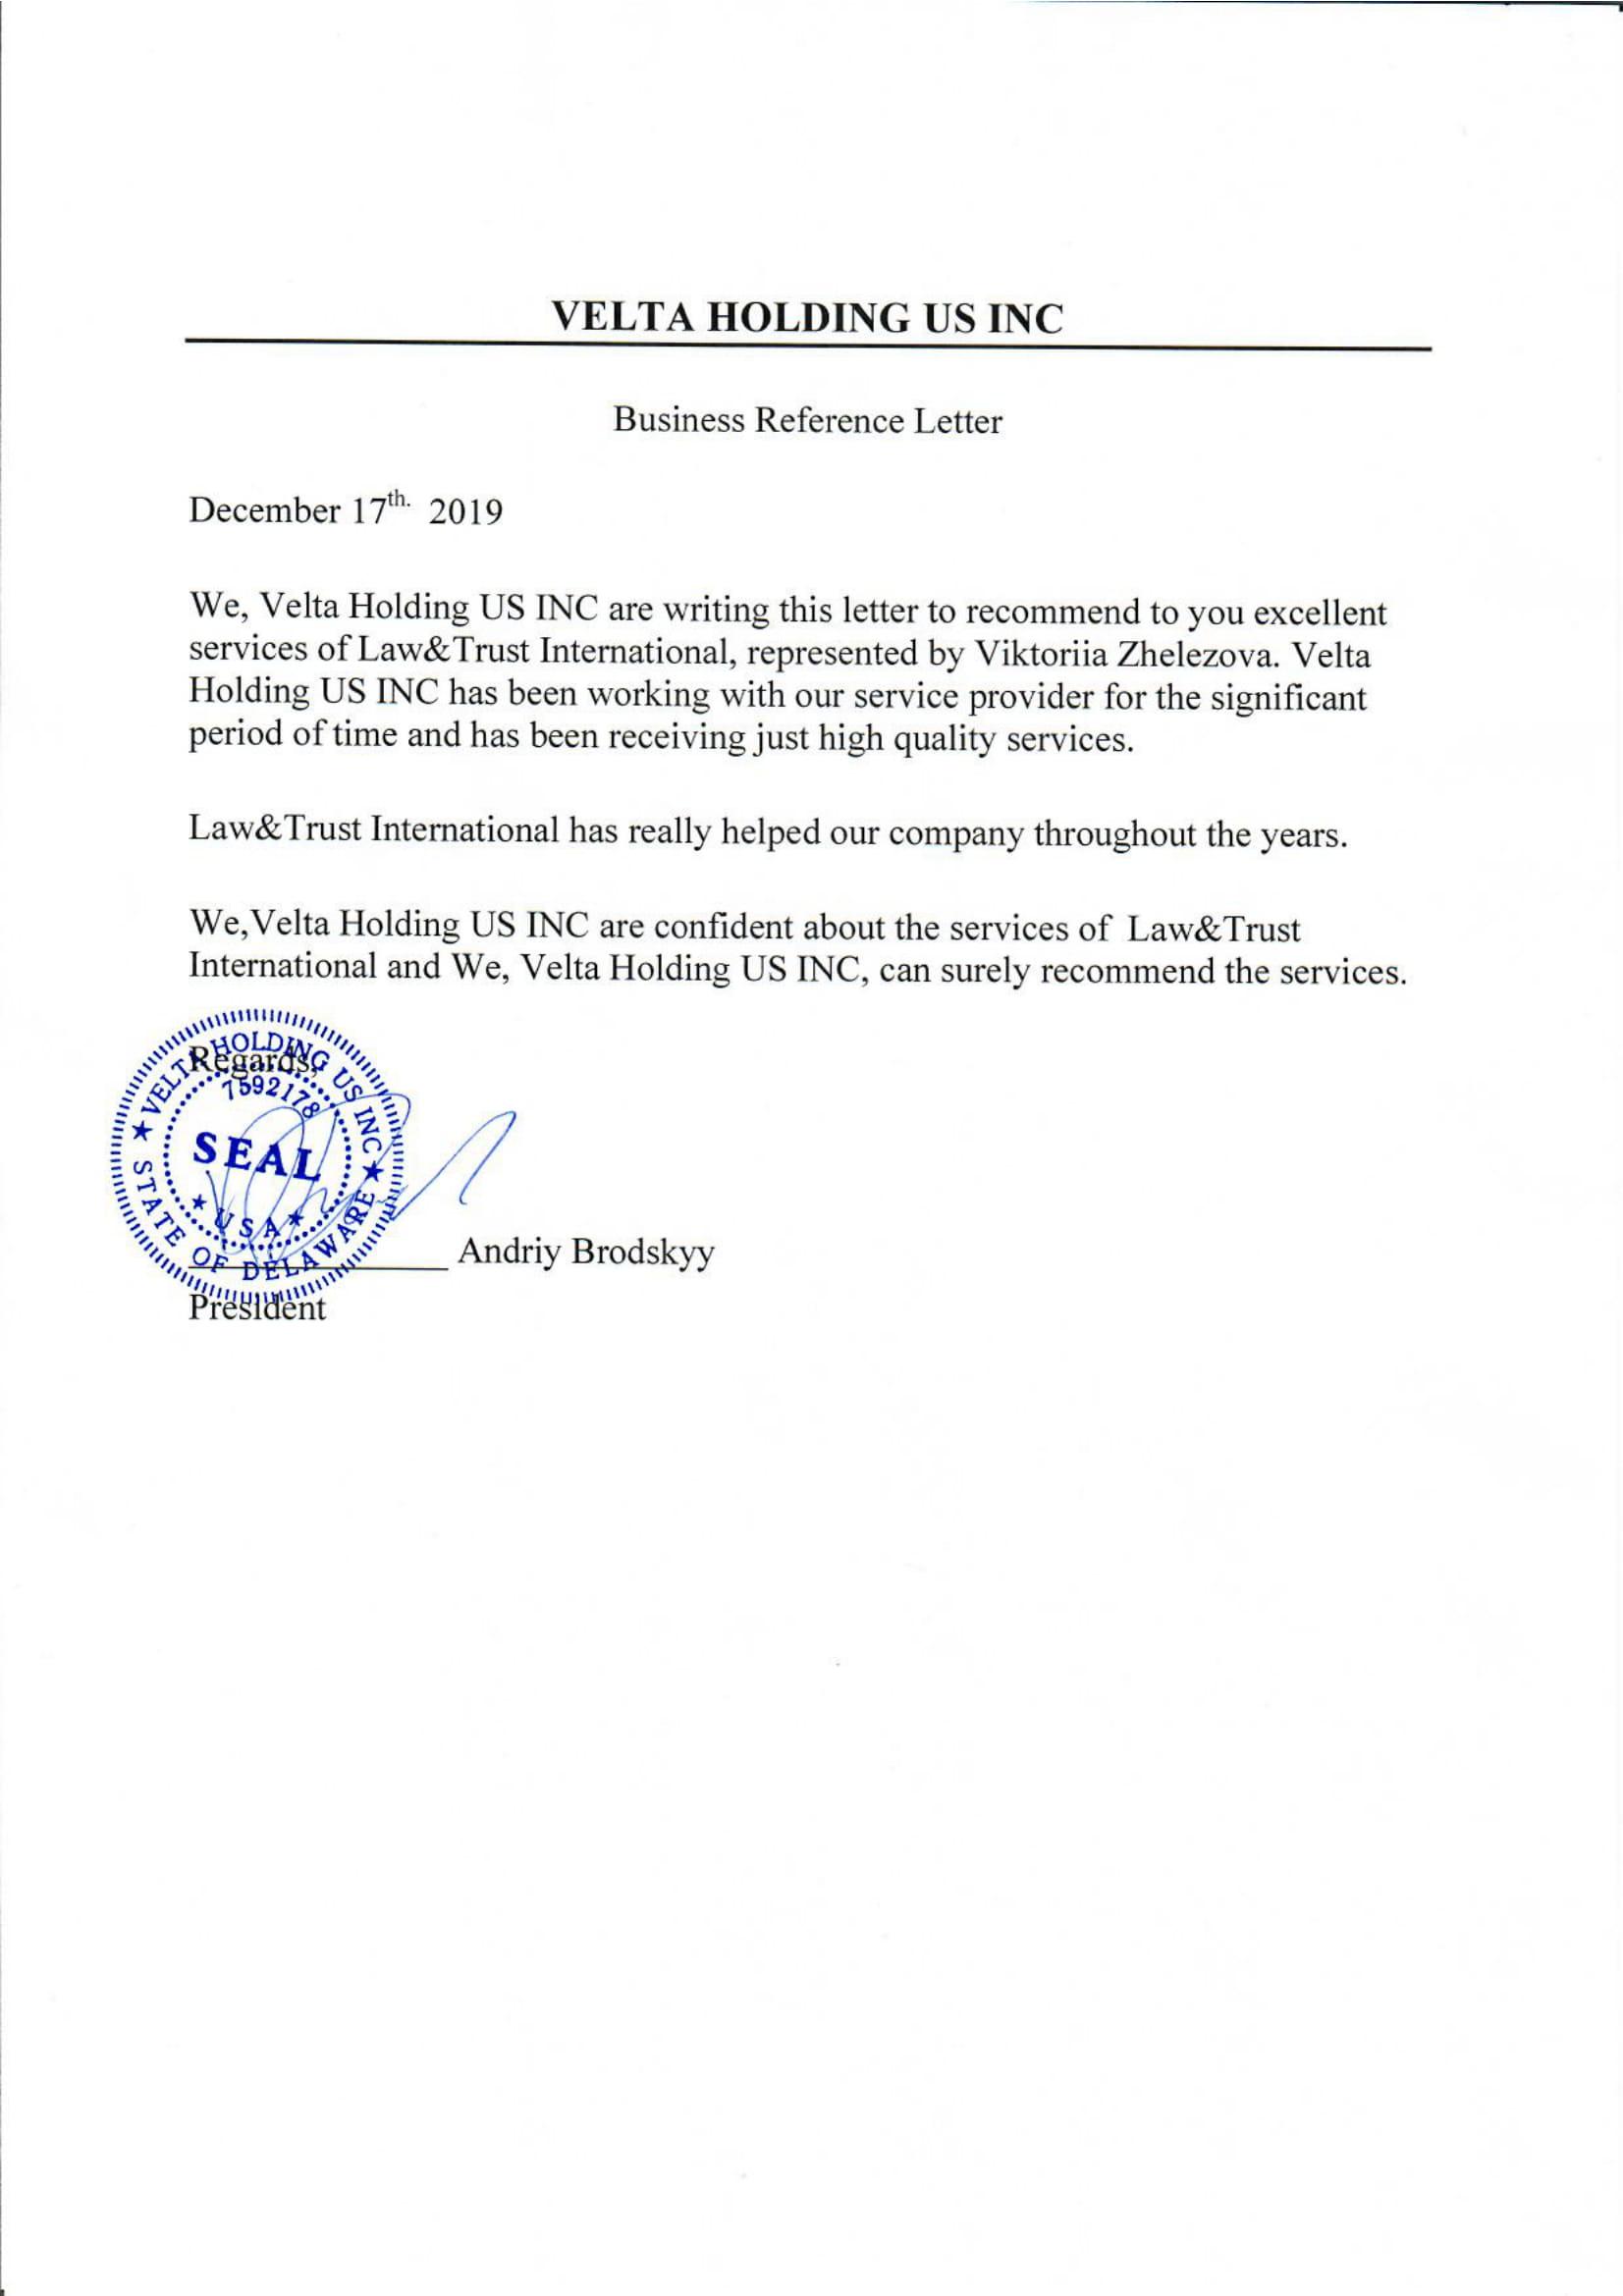 Velta Holding US INC - рекомендательное письмо.